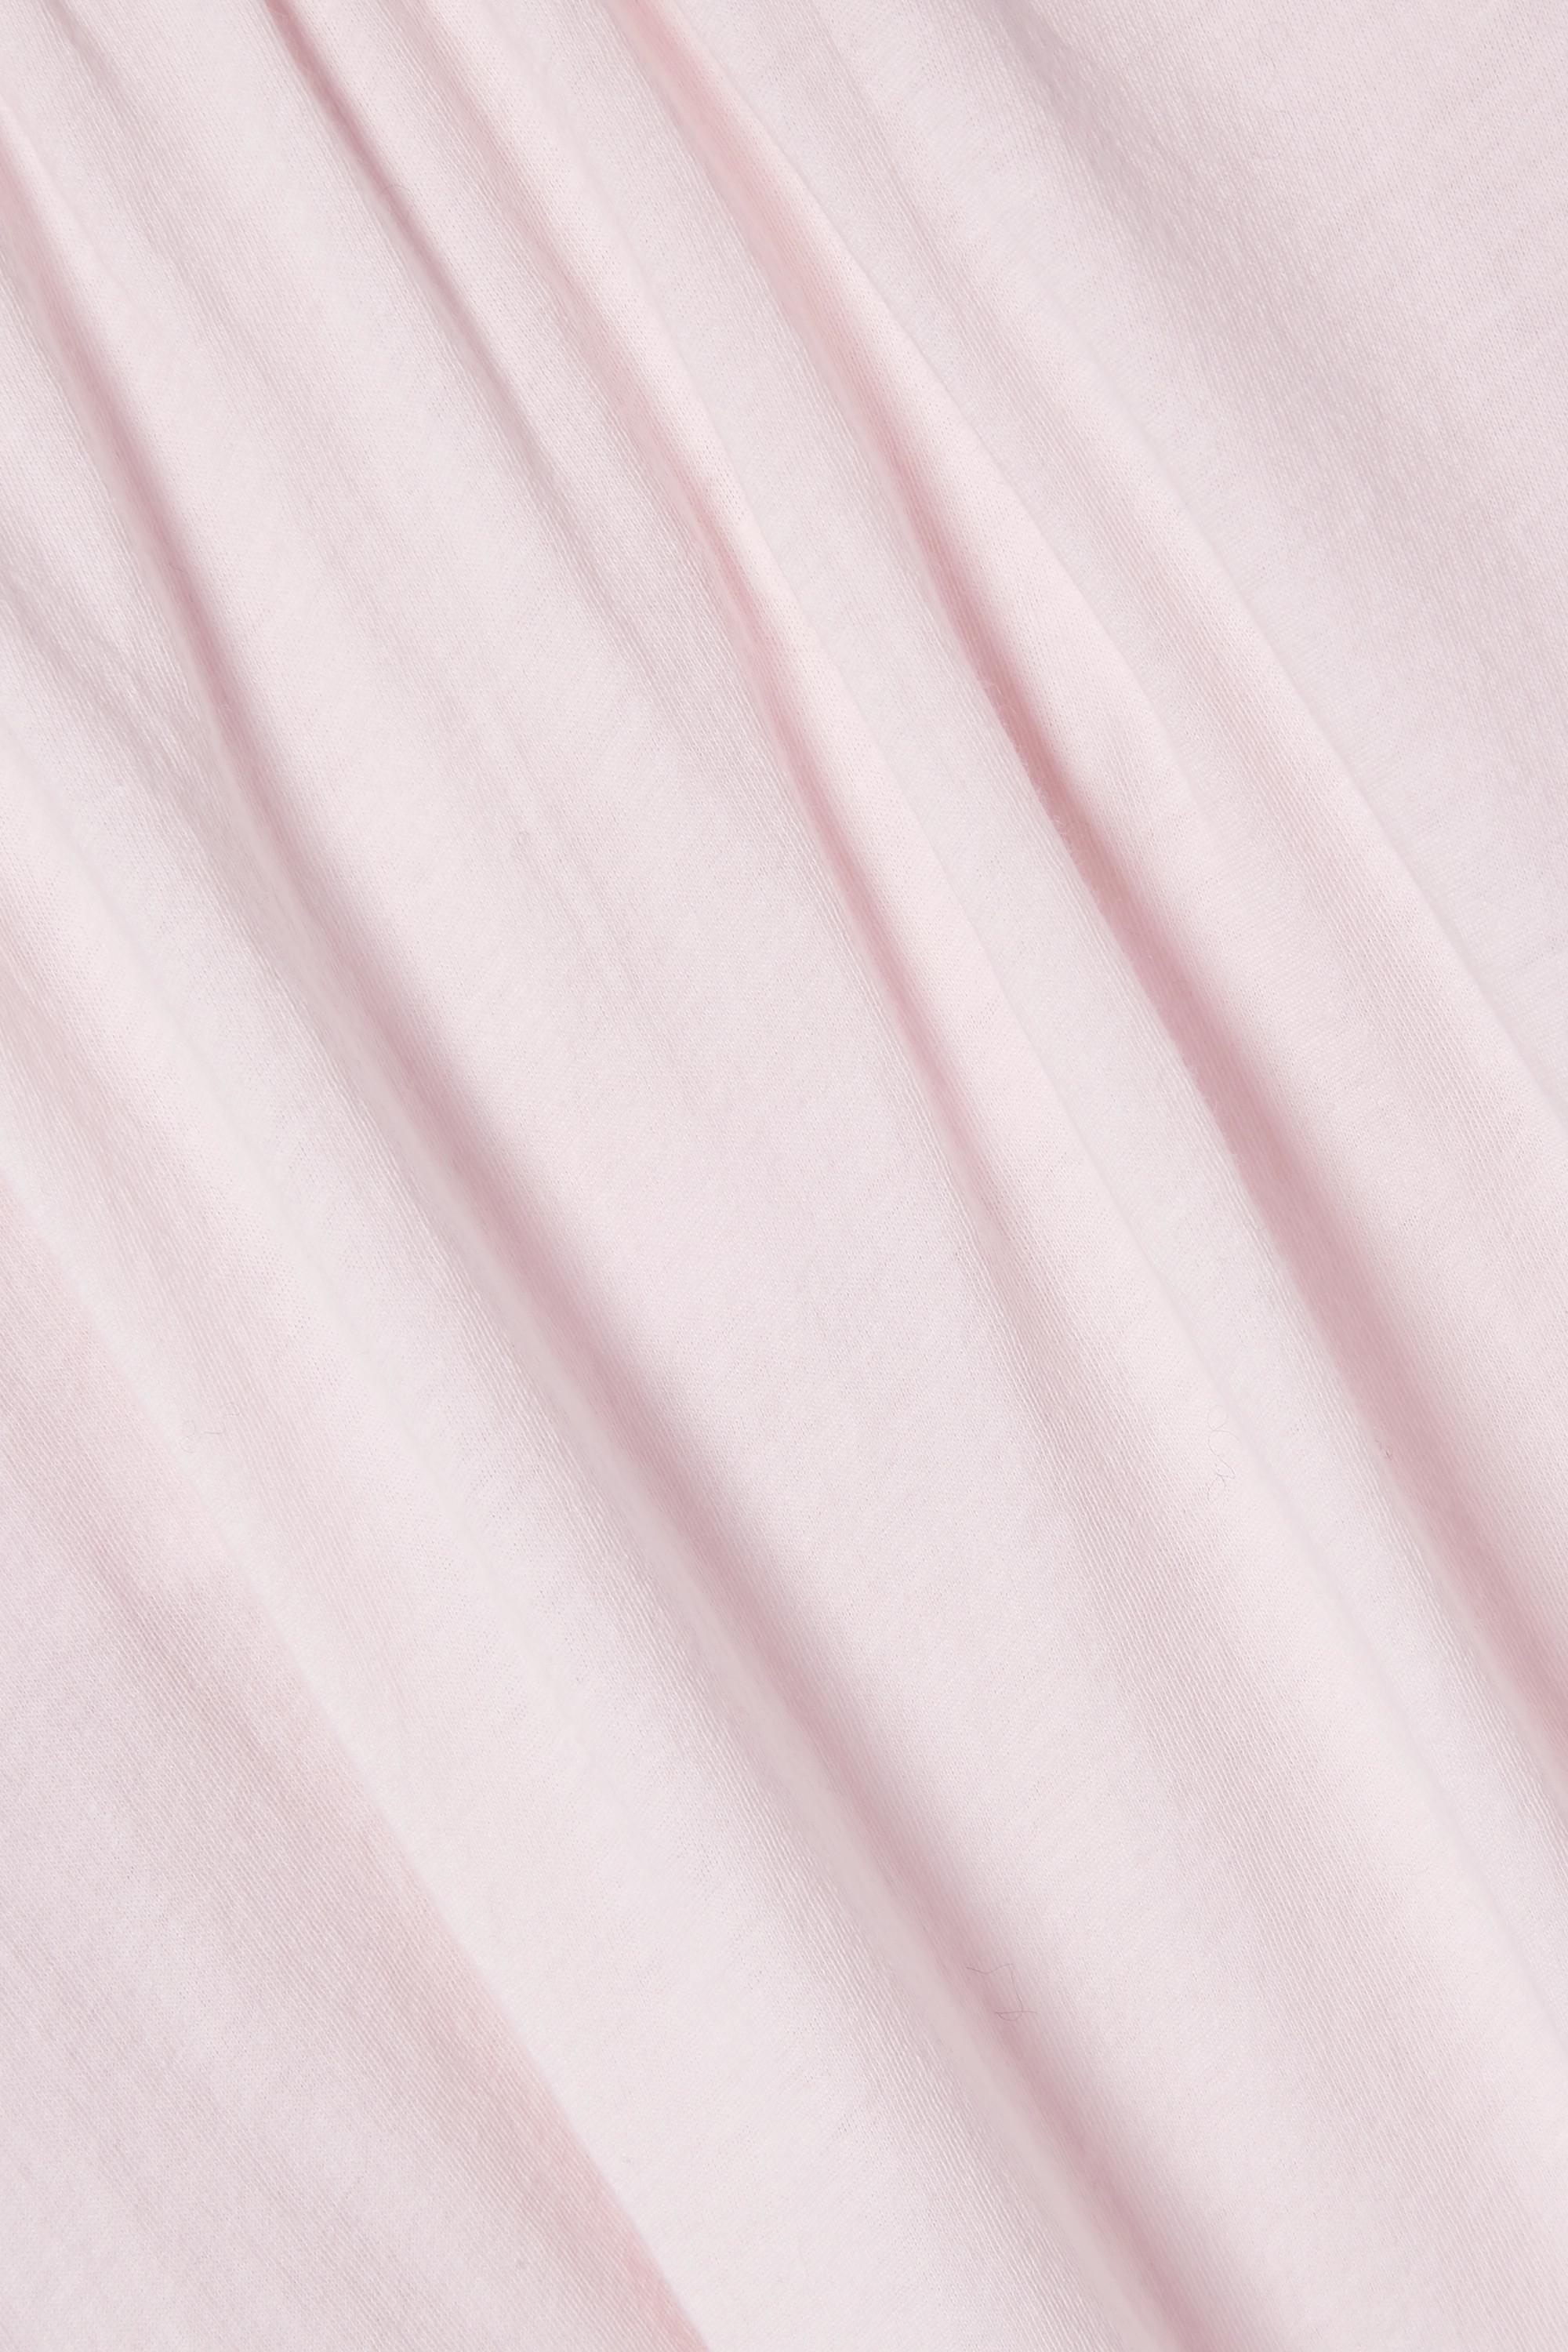 Skin 【NET SUSTAIN】Kayla 有机比马纯棉睡裙